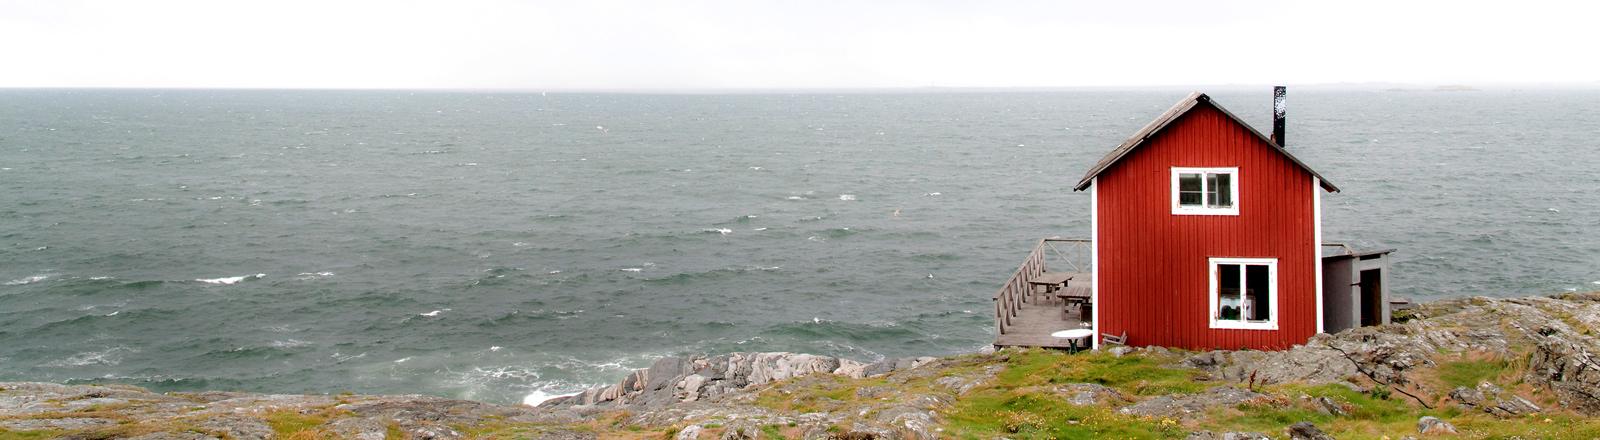 Ein Schwedenhaus am Meer.